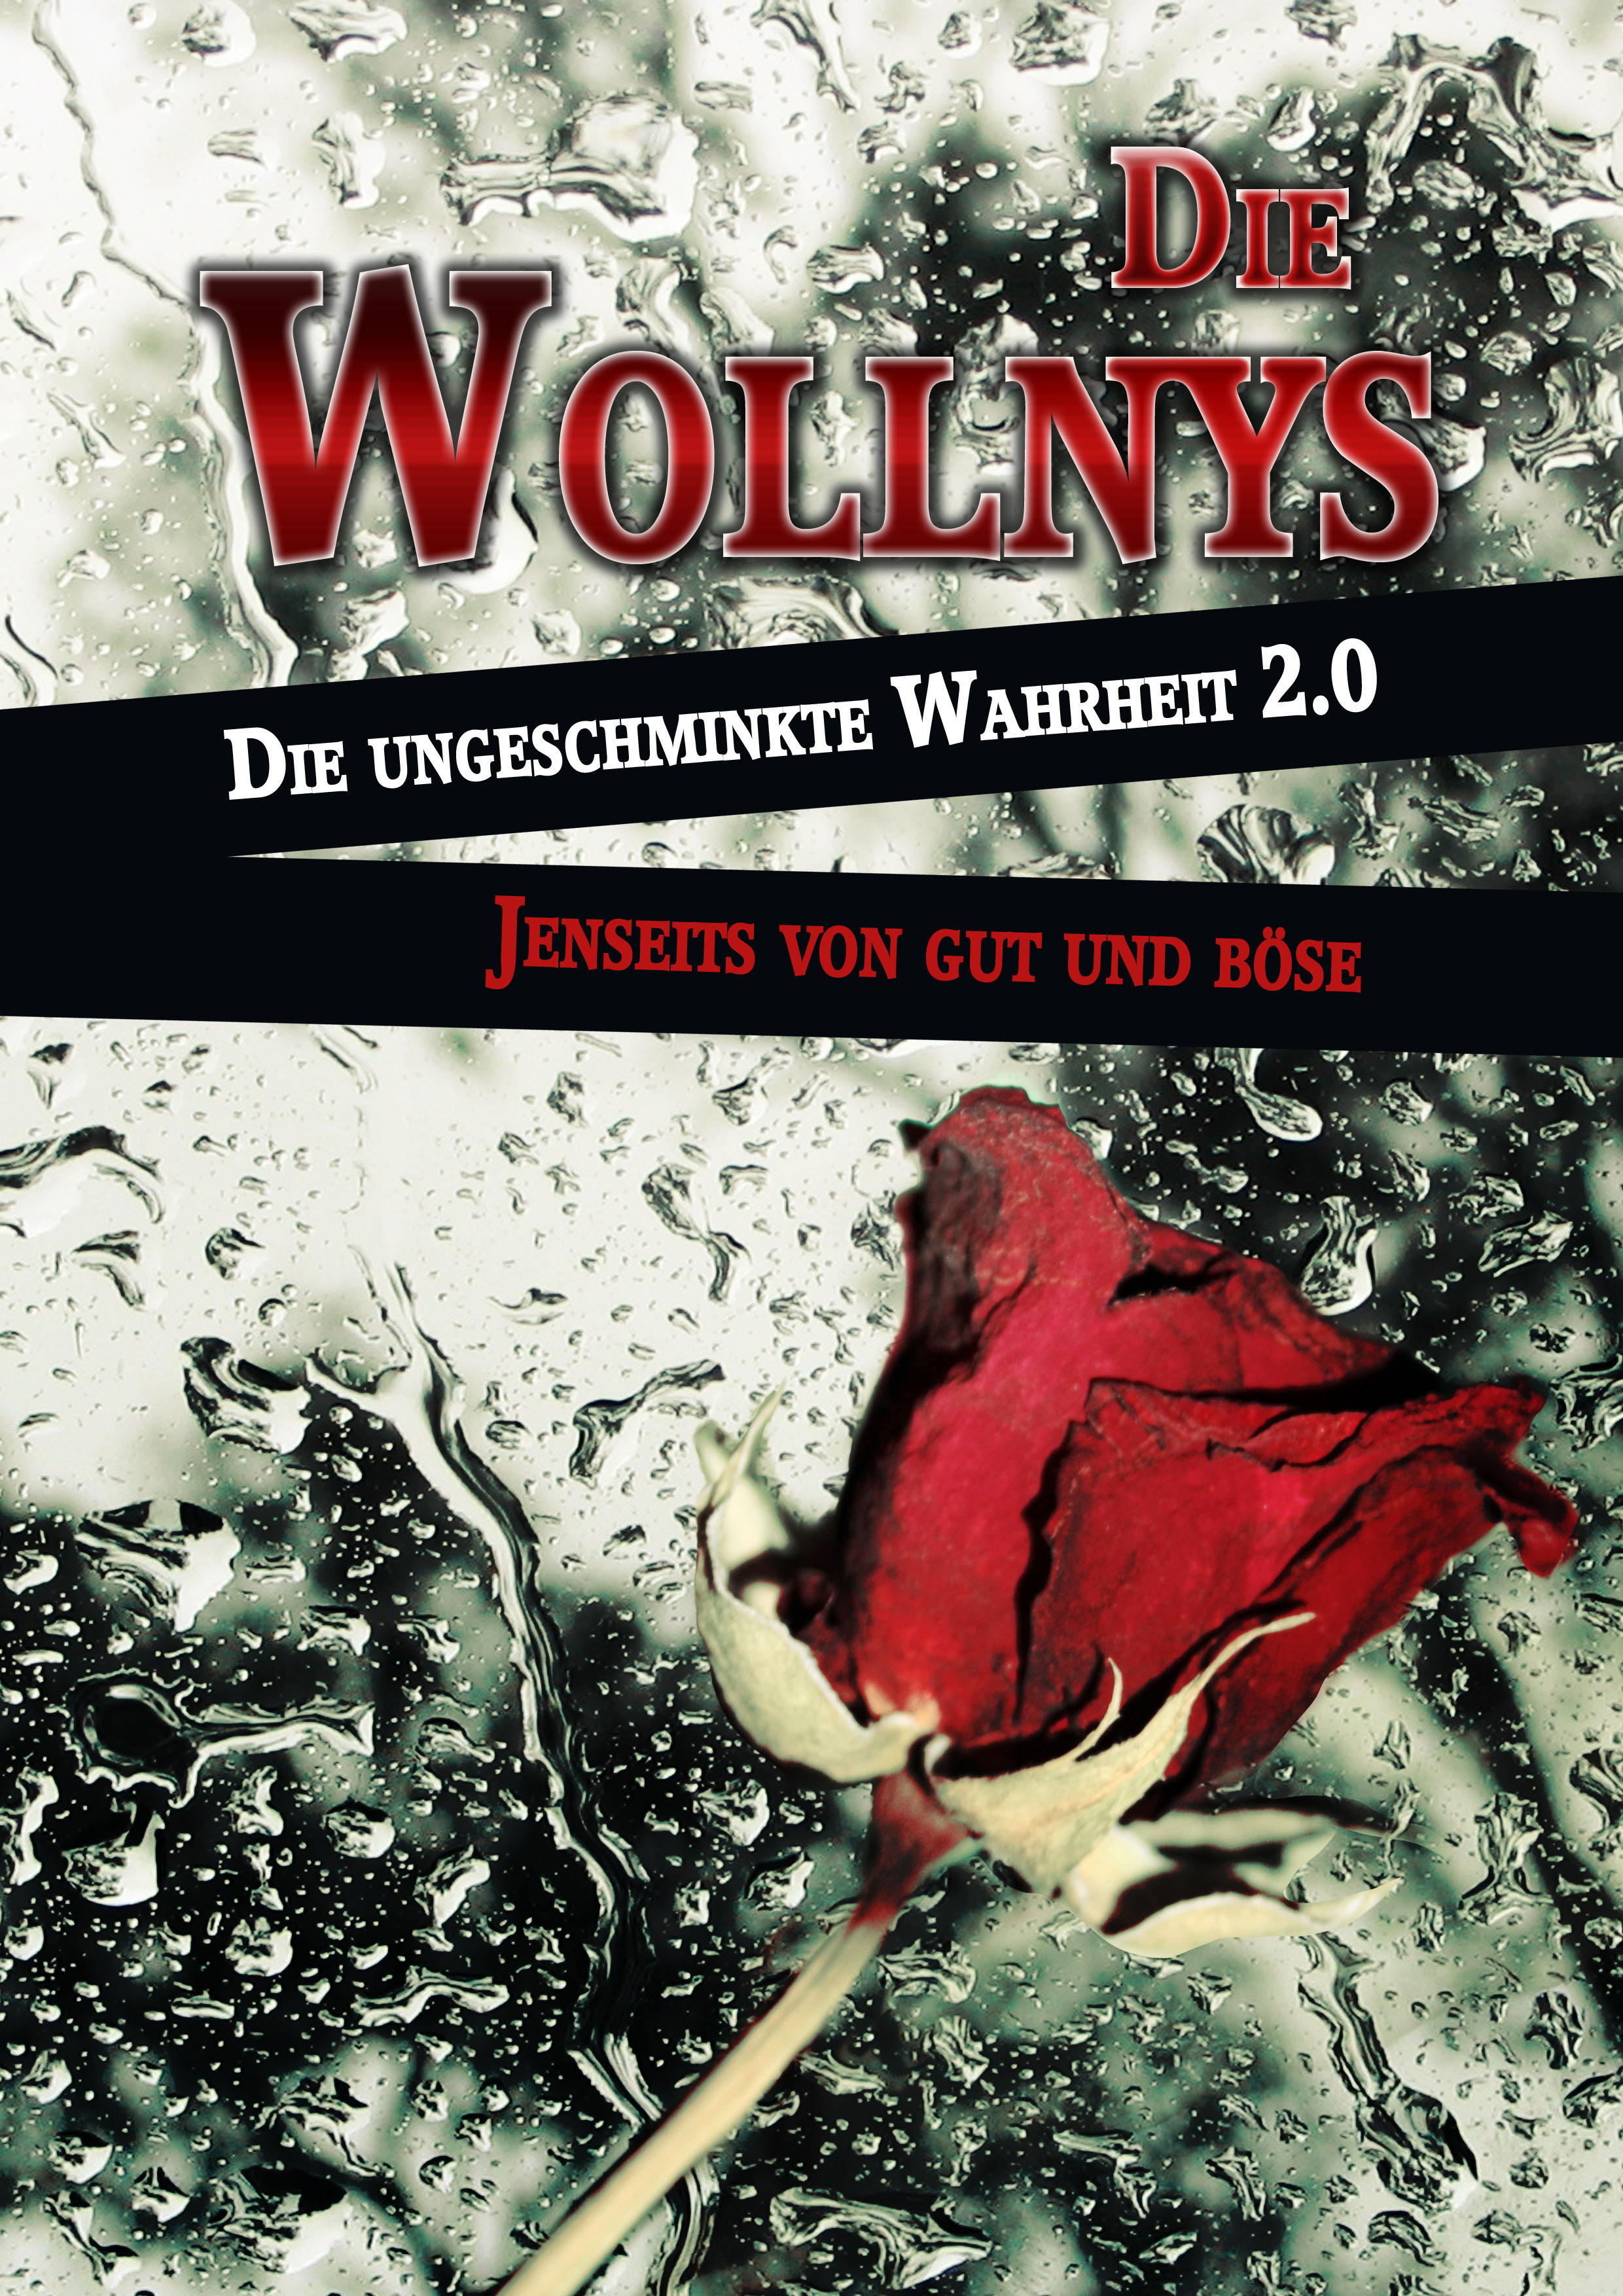 Die Wollnys - Die ungeschminkte Wahrheit 2.0: Jenseits von gut und böse - Katja Schneidt, Dieter Wollny